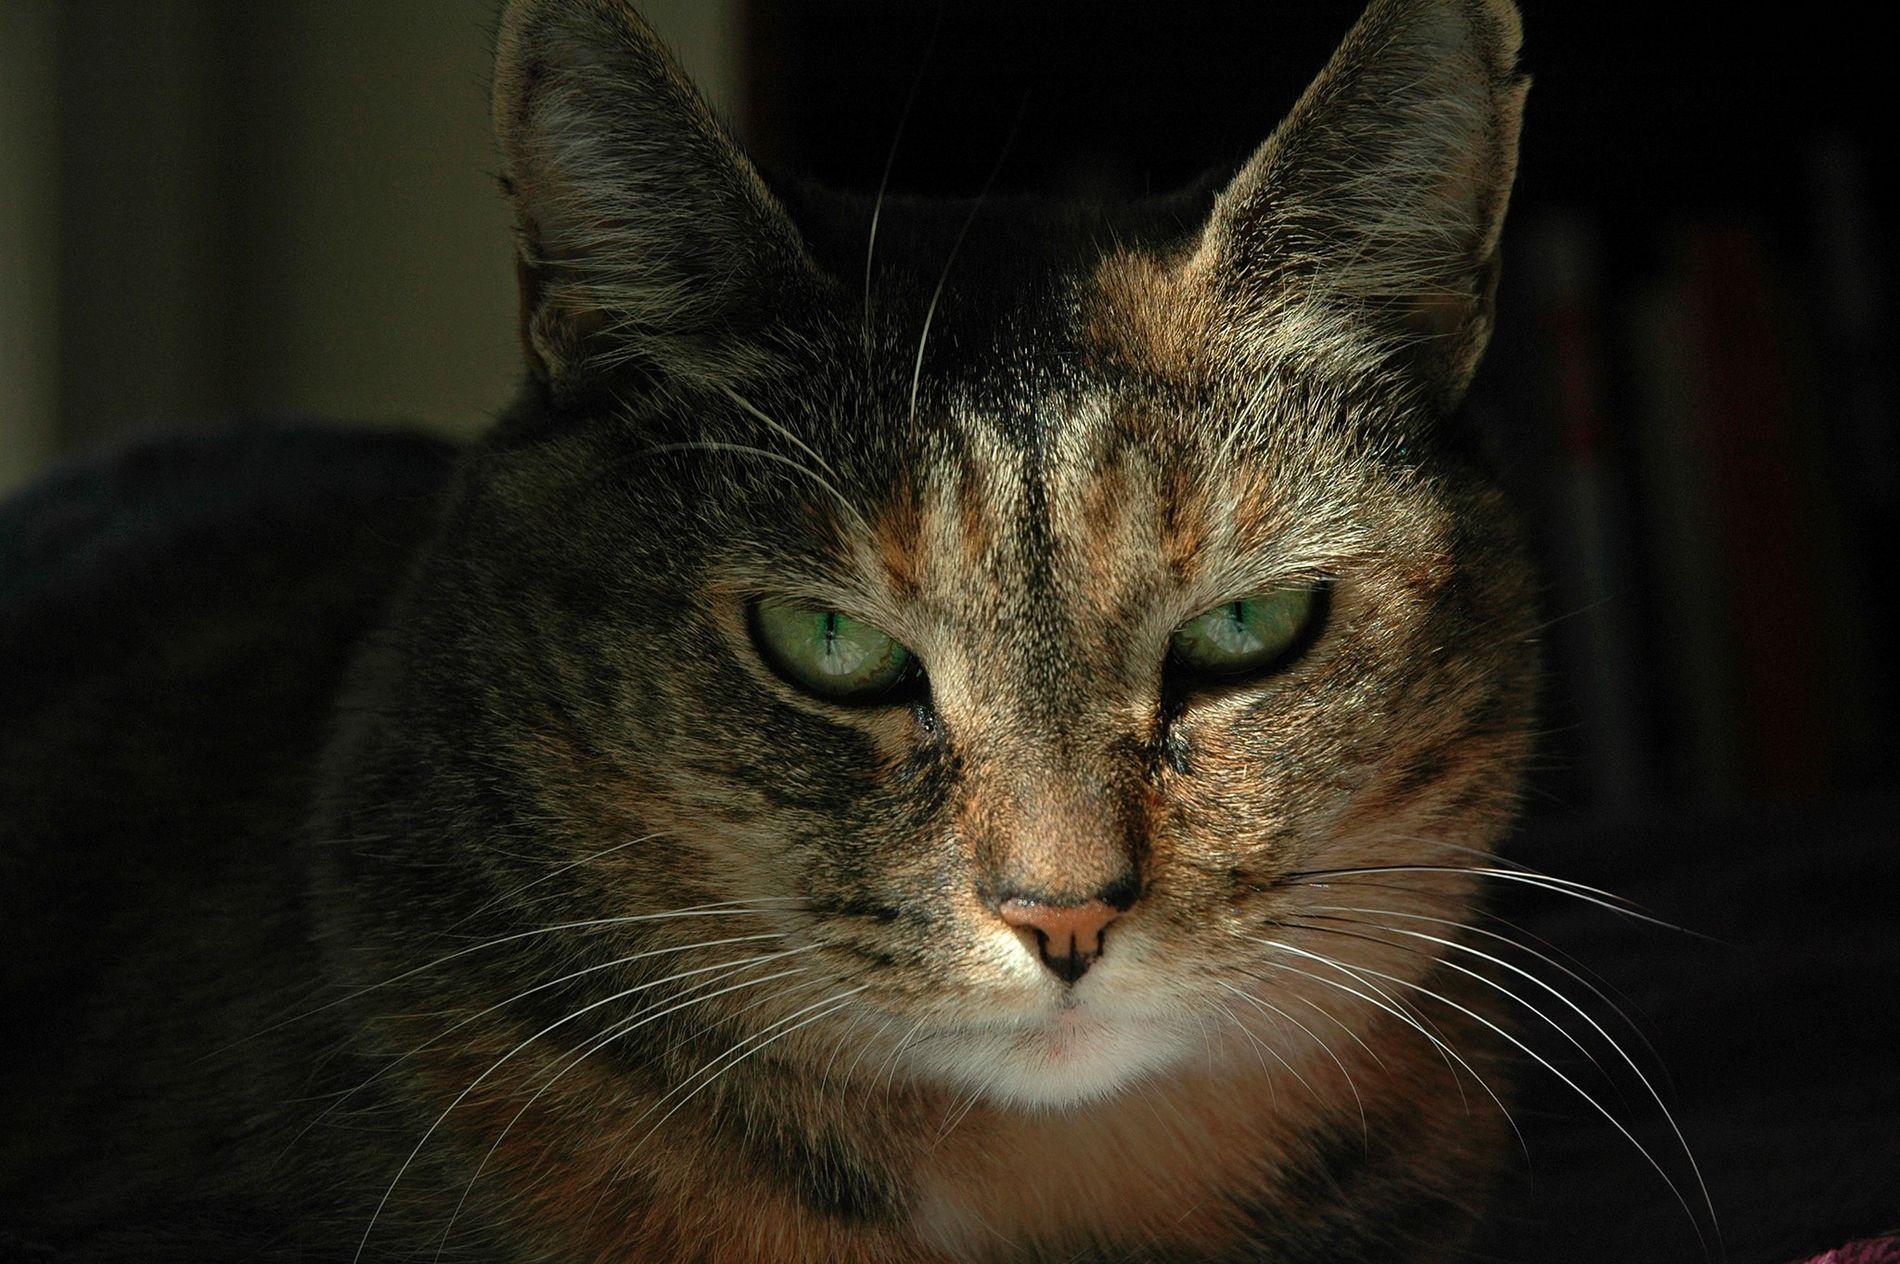 Tout comme les humains, les chats communiquent leurs émotions au moyen d'expressions faciales.